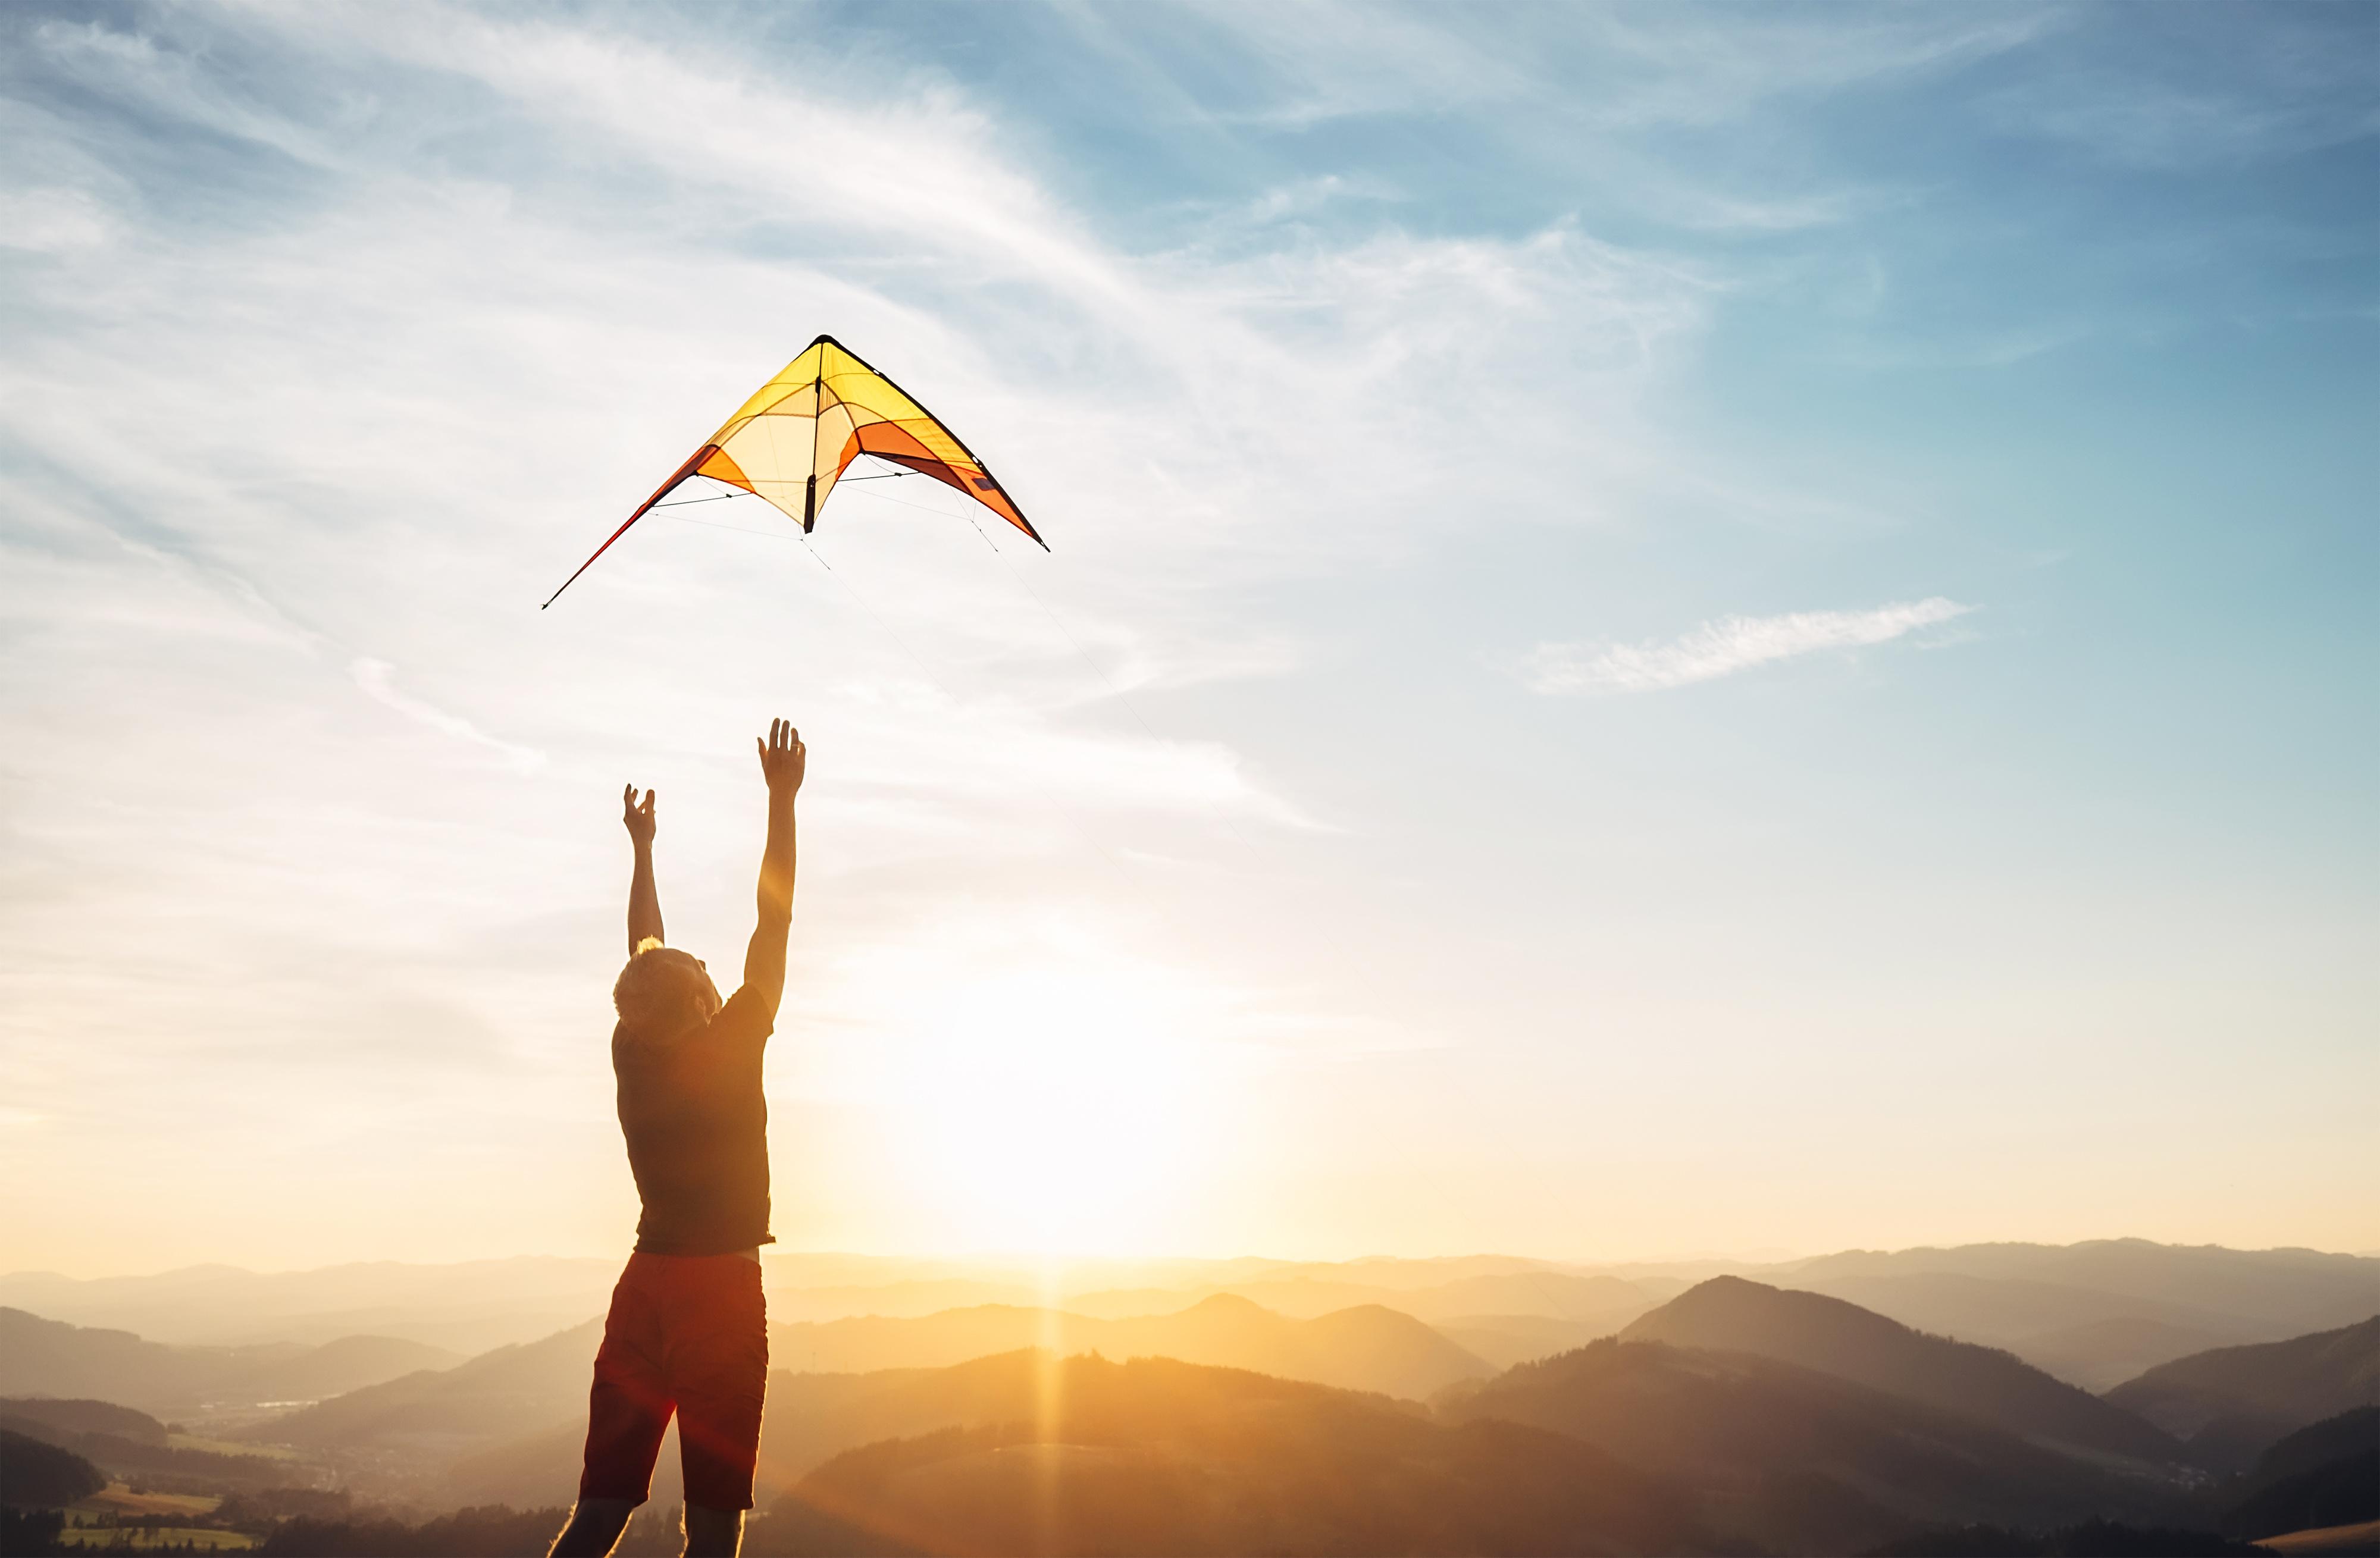 kiteflying - thank you